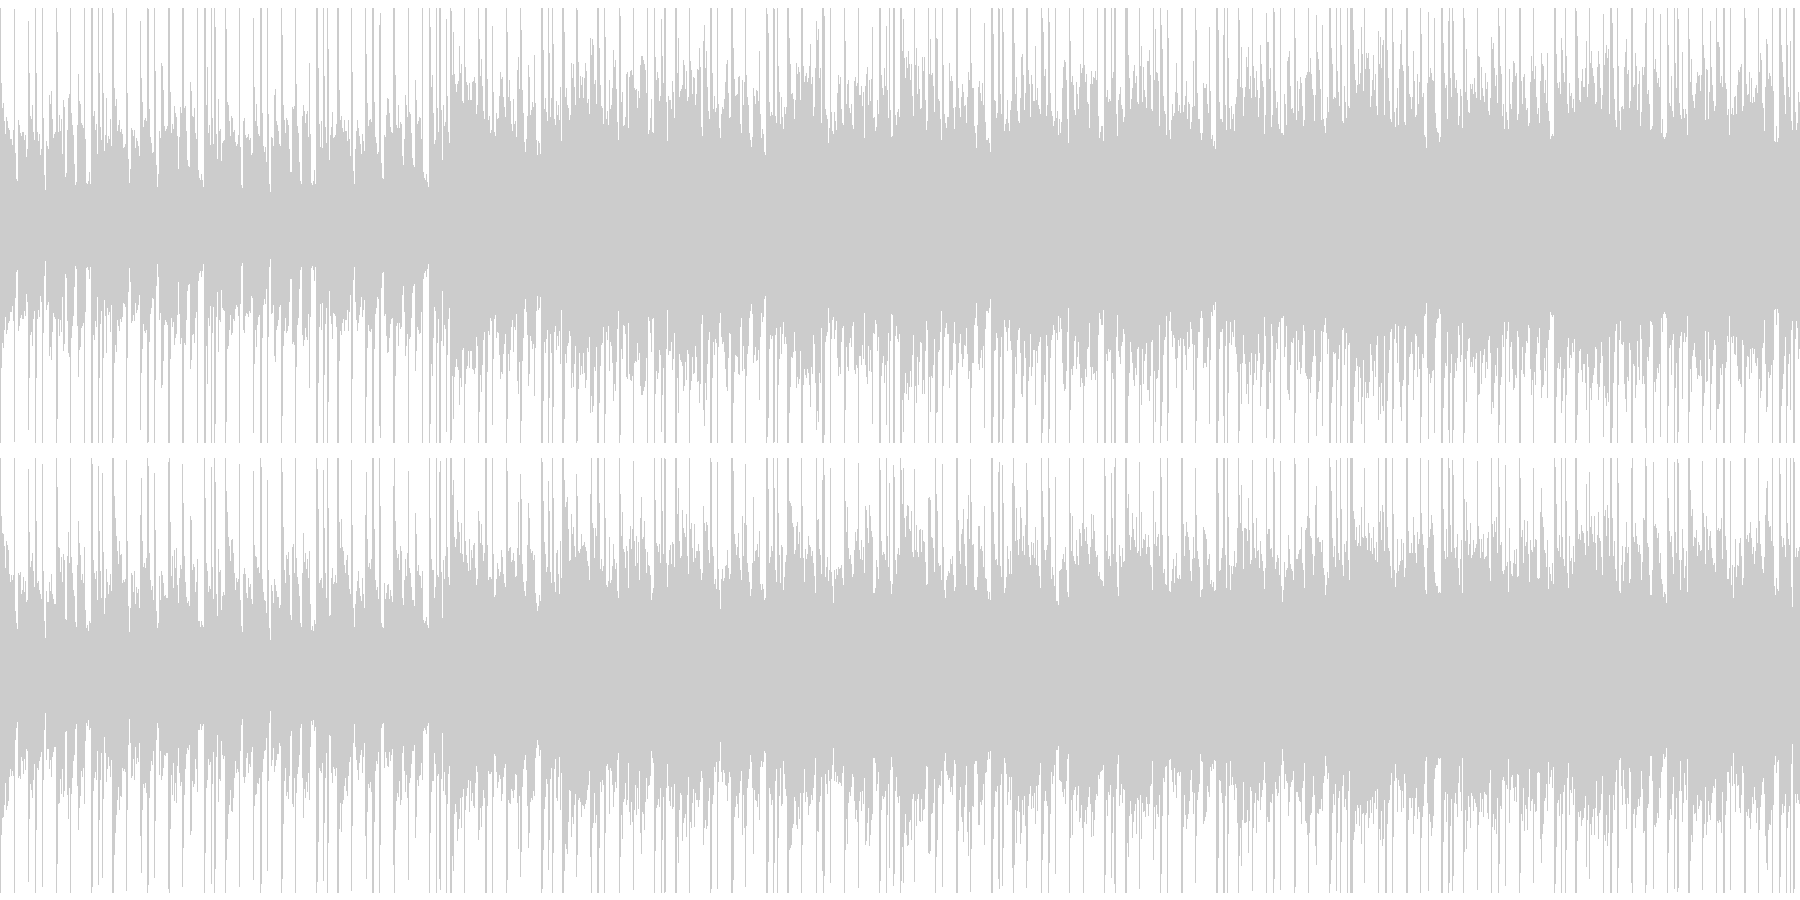 シンセの旋律がアンニュイな空気を作る曲の未再生の波形